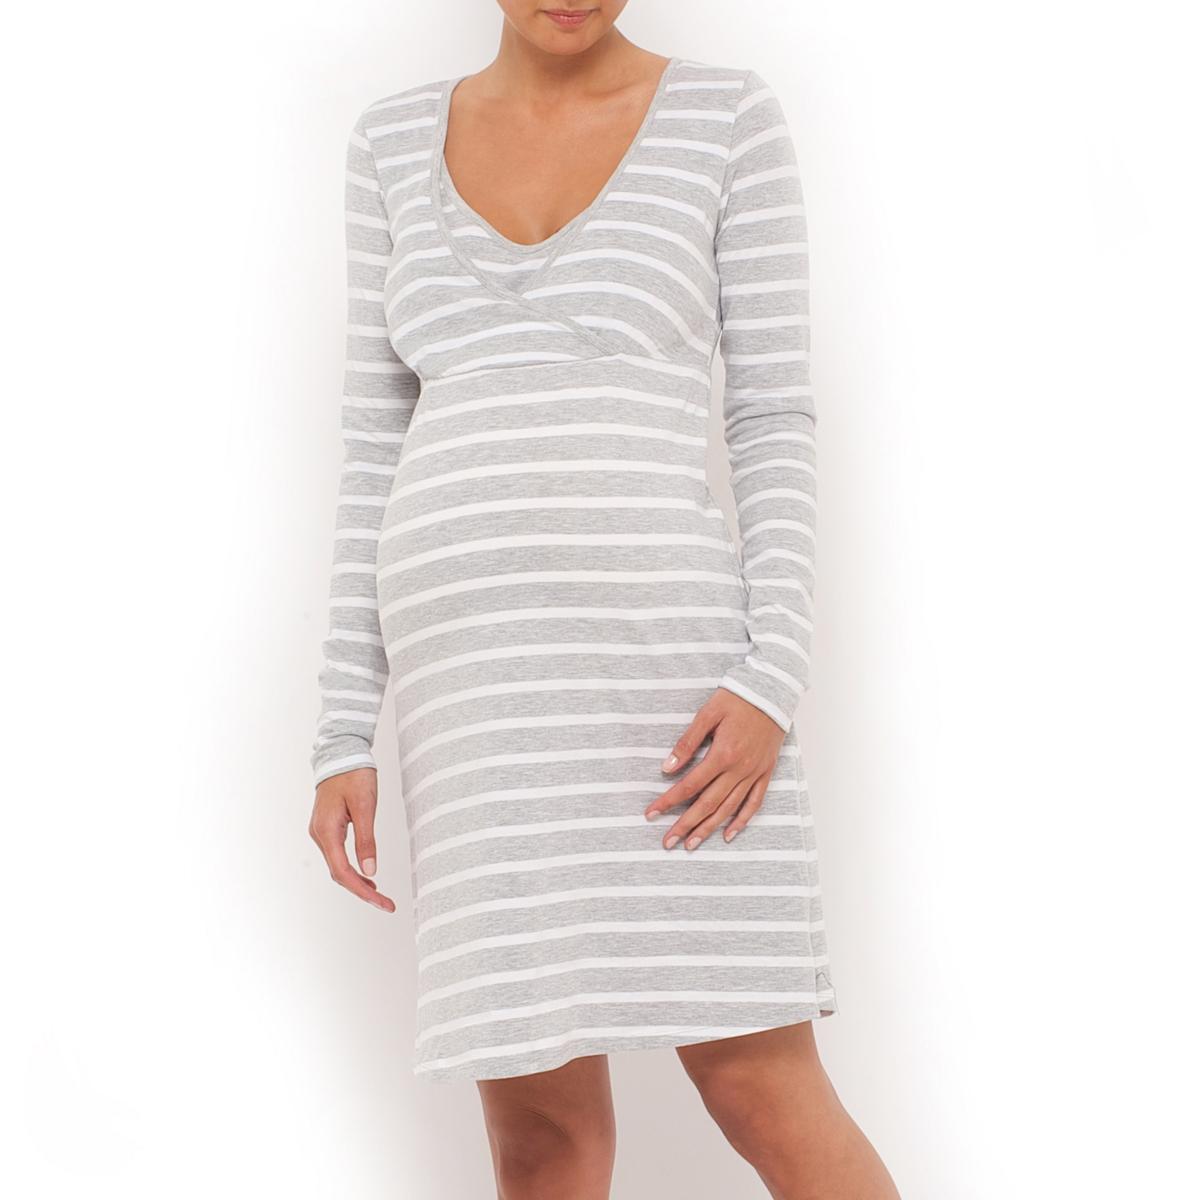 Рубашка ночная для беременных и кормящихНочная рубашка для периода беременности и кормления грудью, длинные рукава, V-образный вырез с запахом и закругленной вставкой. Эластичная вставка под линией груди. Разрезы по бокам. Длина ок.90 см.Ночная рубашка для беременных и кормящих. Джерси 95% хлопка, 5% эластана. Машинная стирка. Знак Oeko-Tex*.      *Международный лейбл Oeko-Tex® дает гарантию того, что изделия изготовлены без применения вредных и раздражающих кожу веществ.<br><br>Цвет: серый/белый в полоску<br>Размер: 50/52 (FR) - 56/58 (RUS).42/44 (FR) - 48/50 (RUS).38/40 (FR) - 44/46 (RUS)